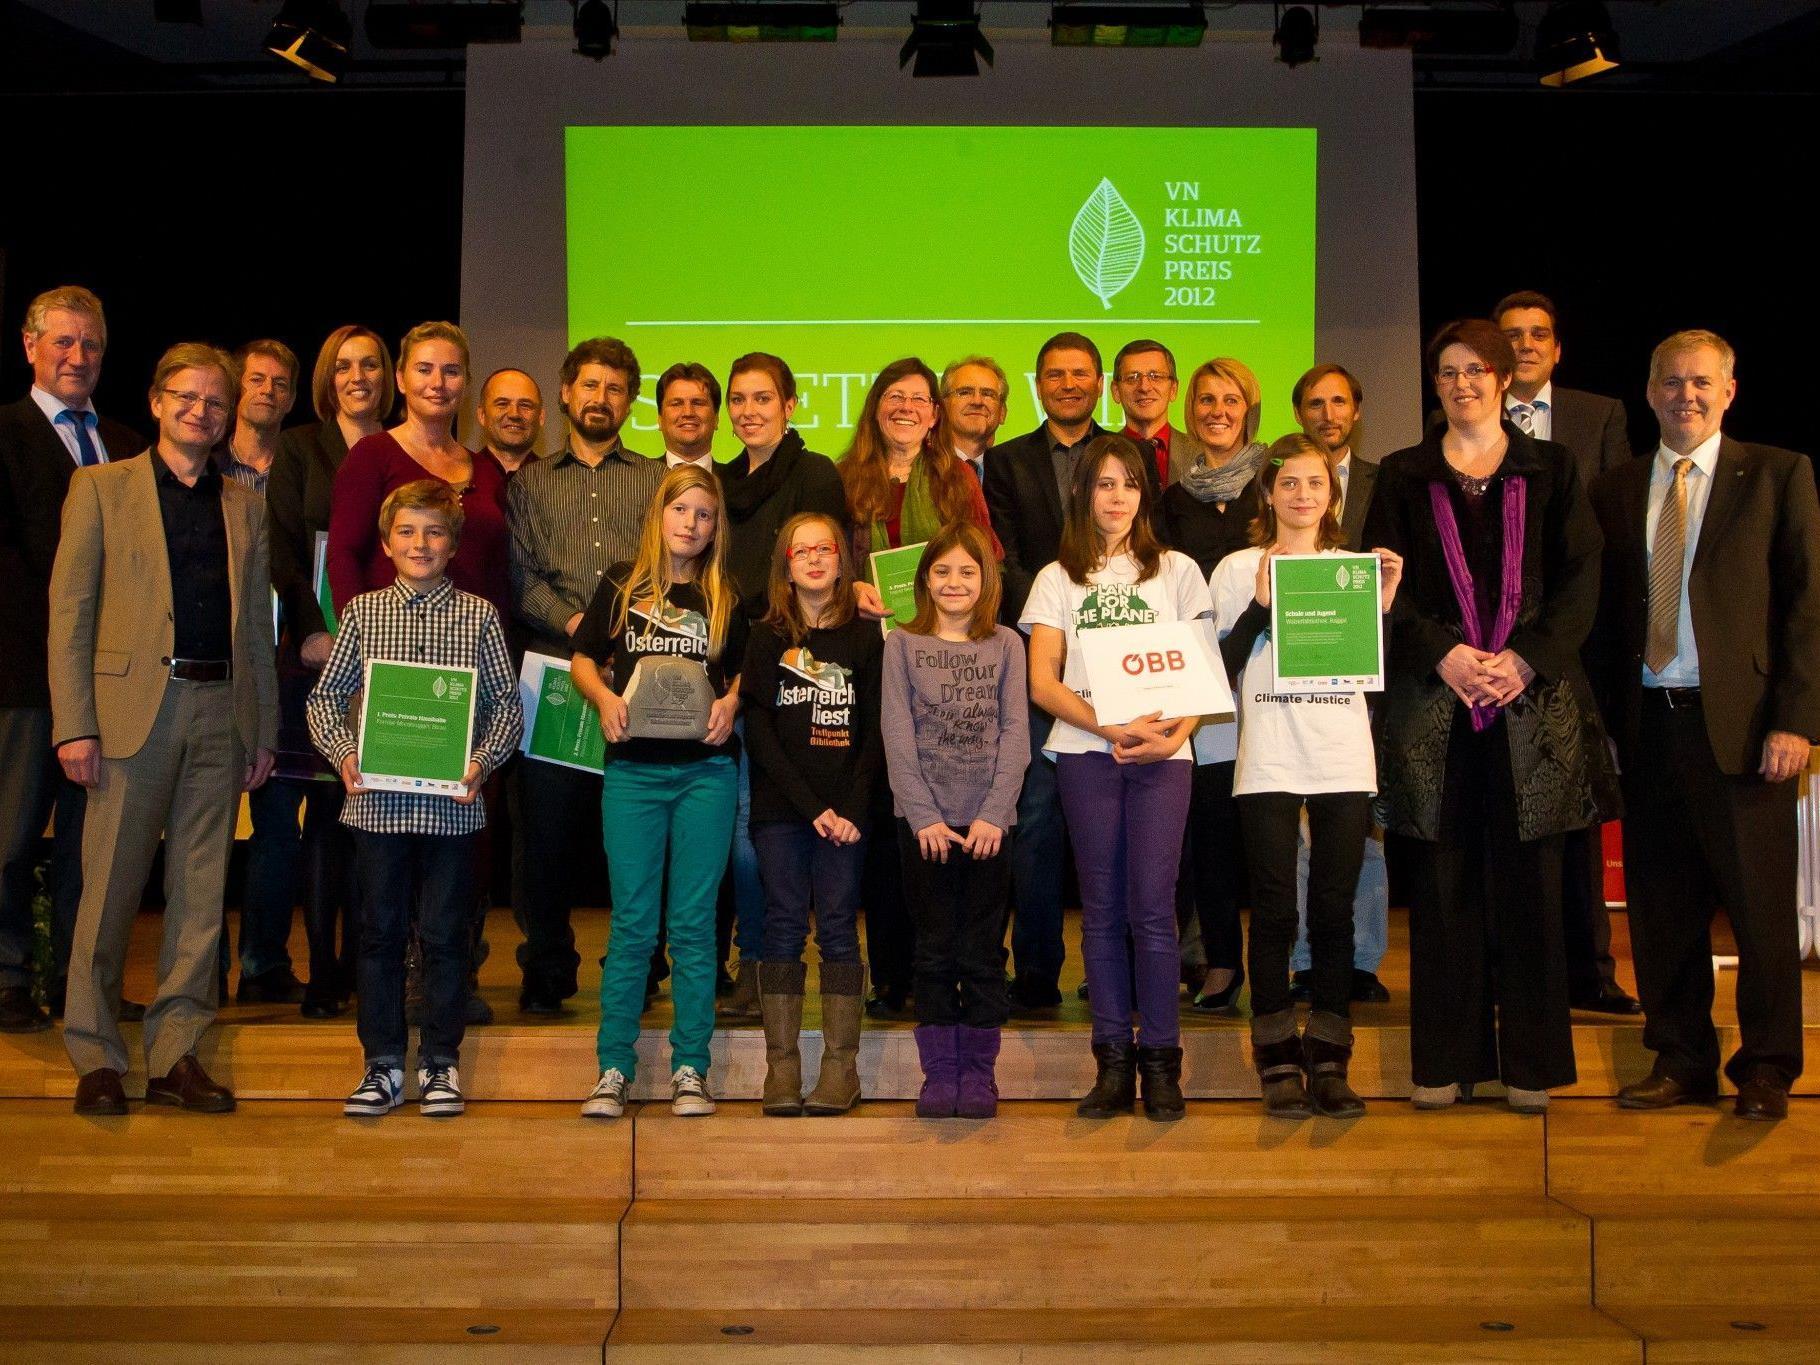 Die Preisträger des VN-Klimaschutzpreises 2012.